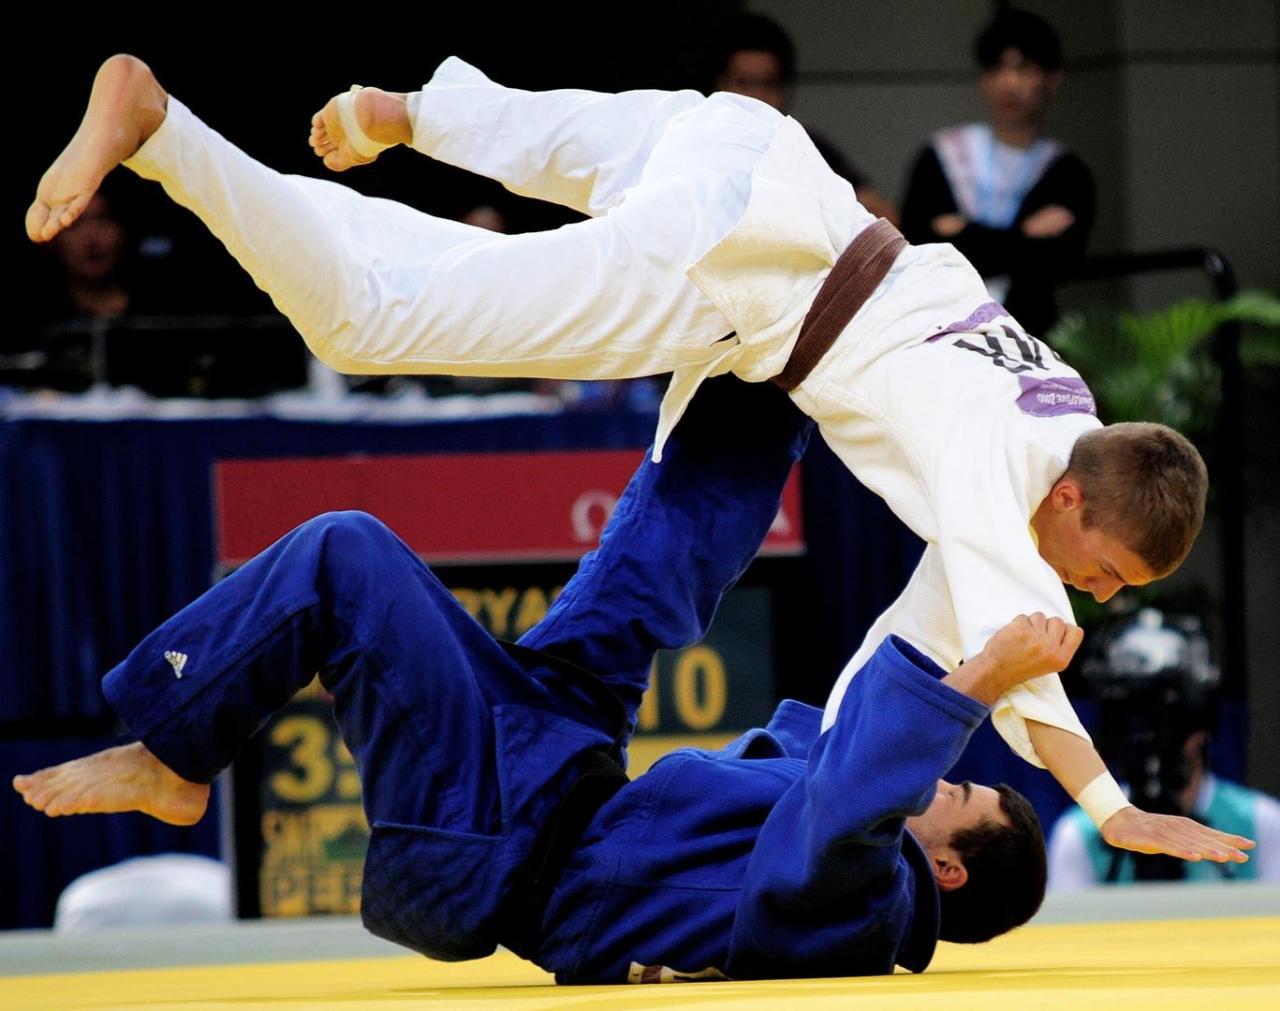 El judo como deporte educativo